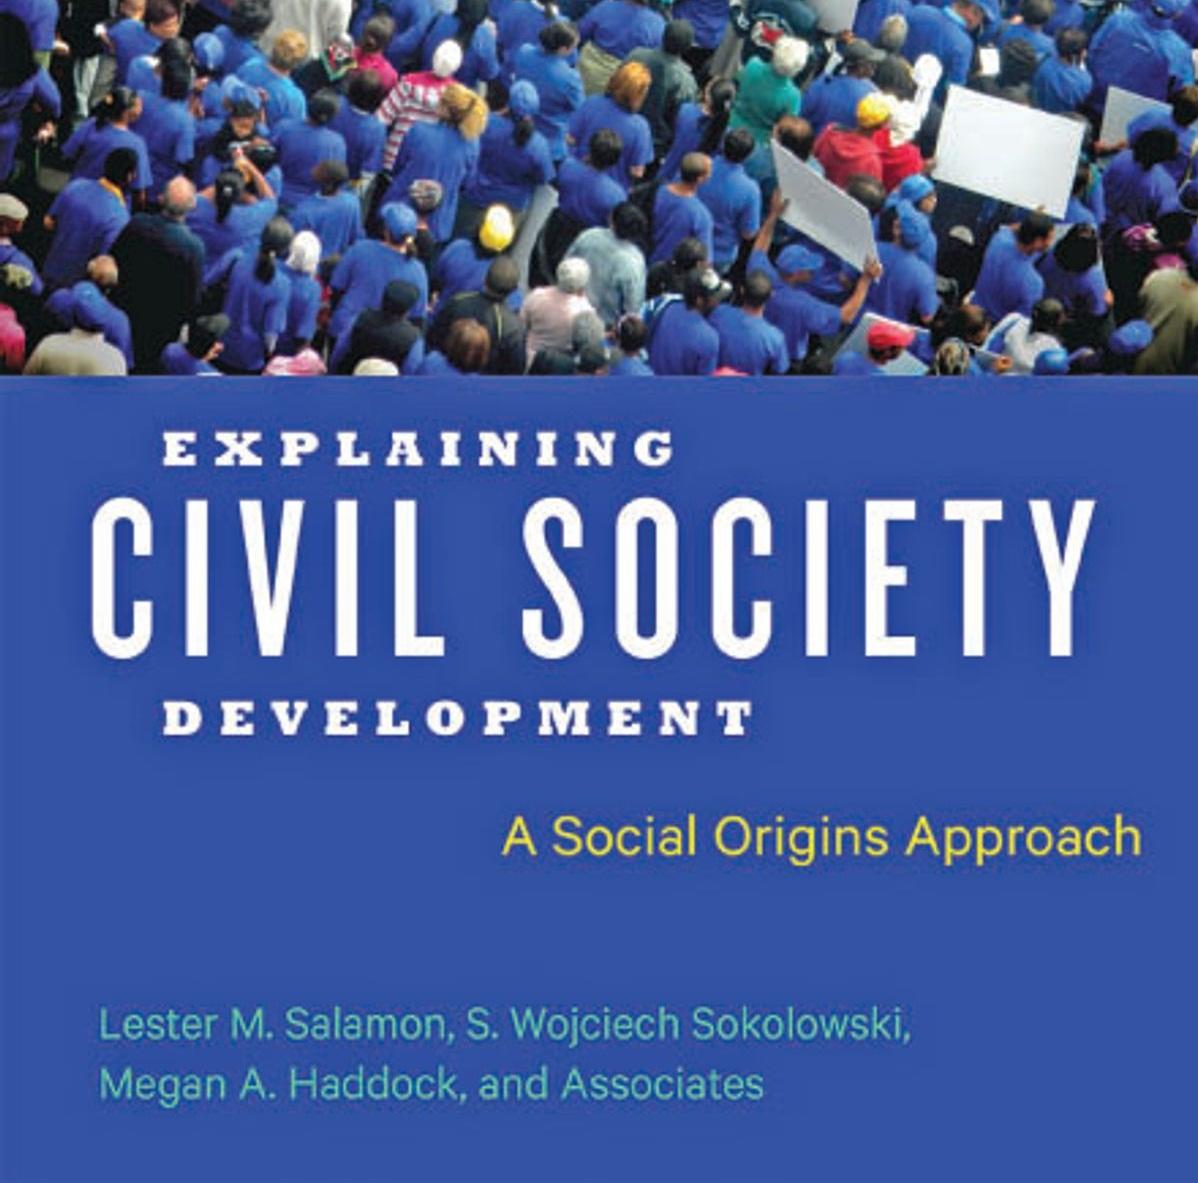 کتاب شرح توسعه جامعه مدنی